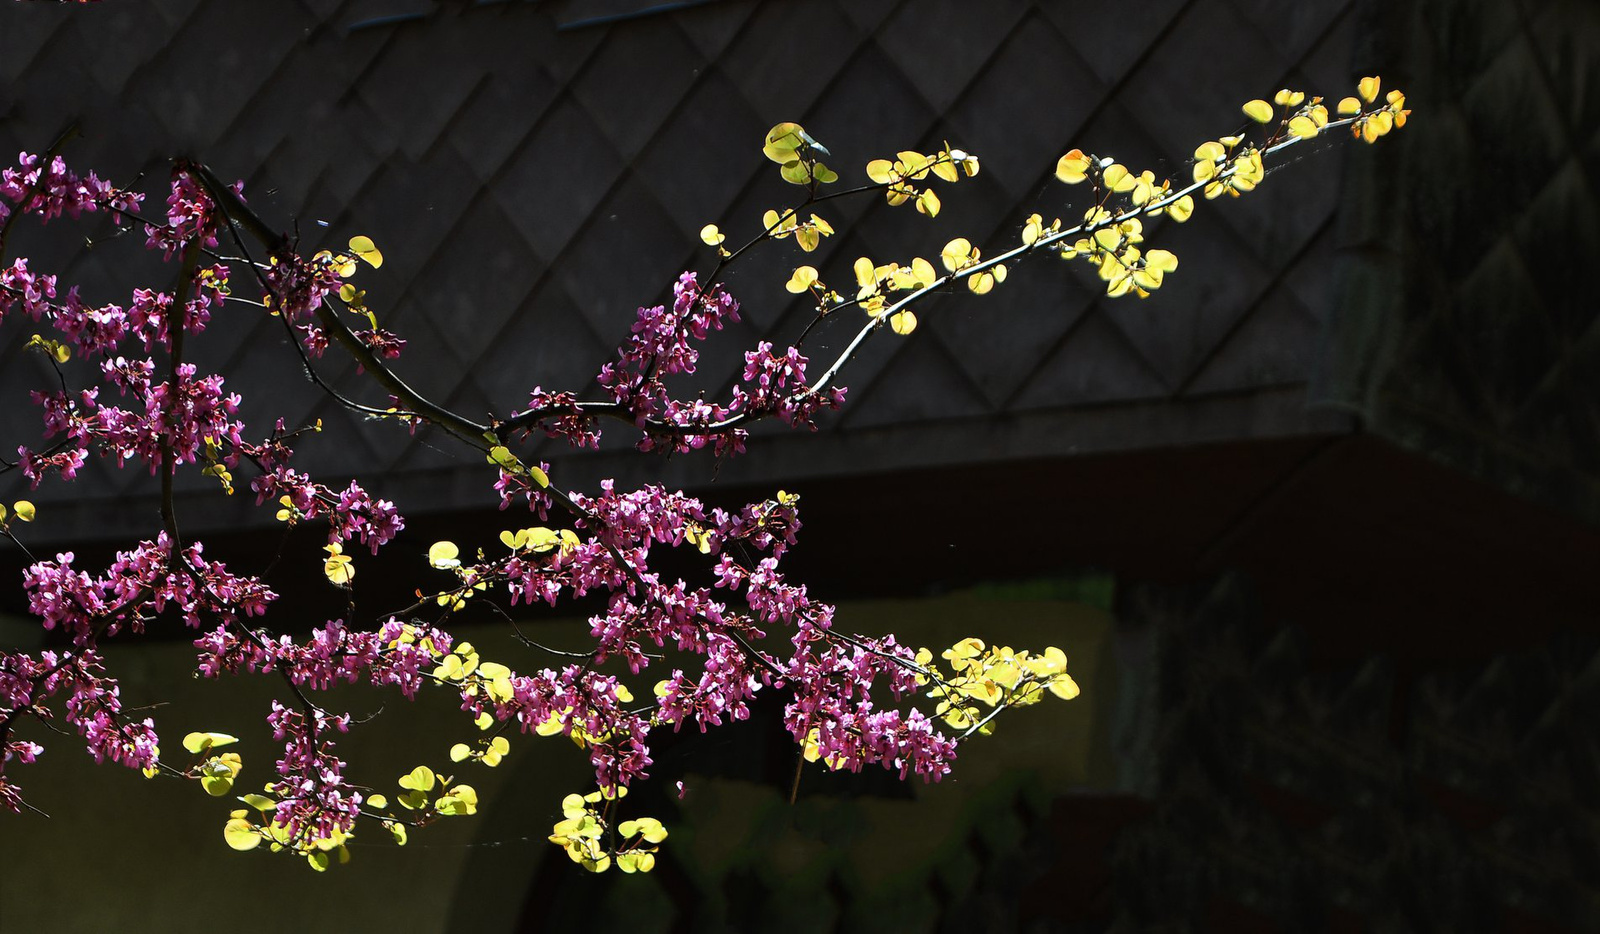 Tavaszi ágak